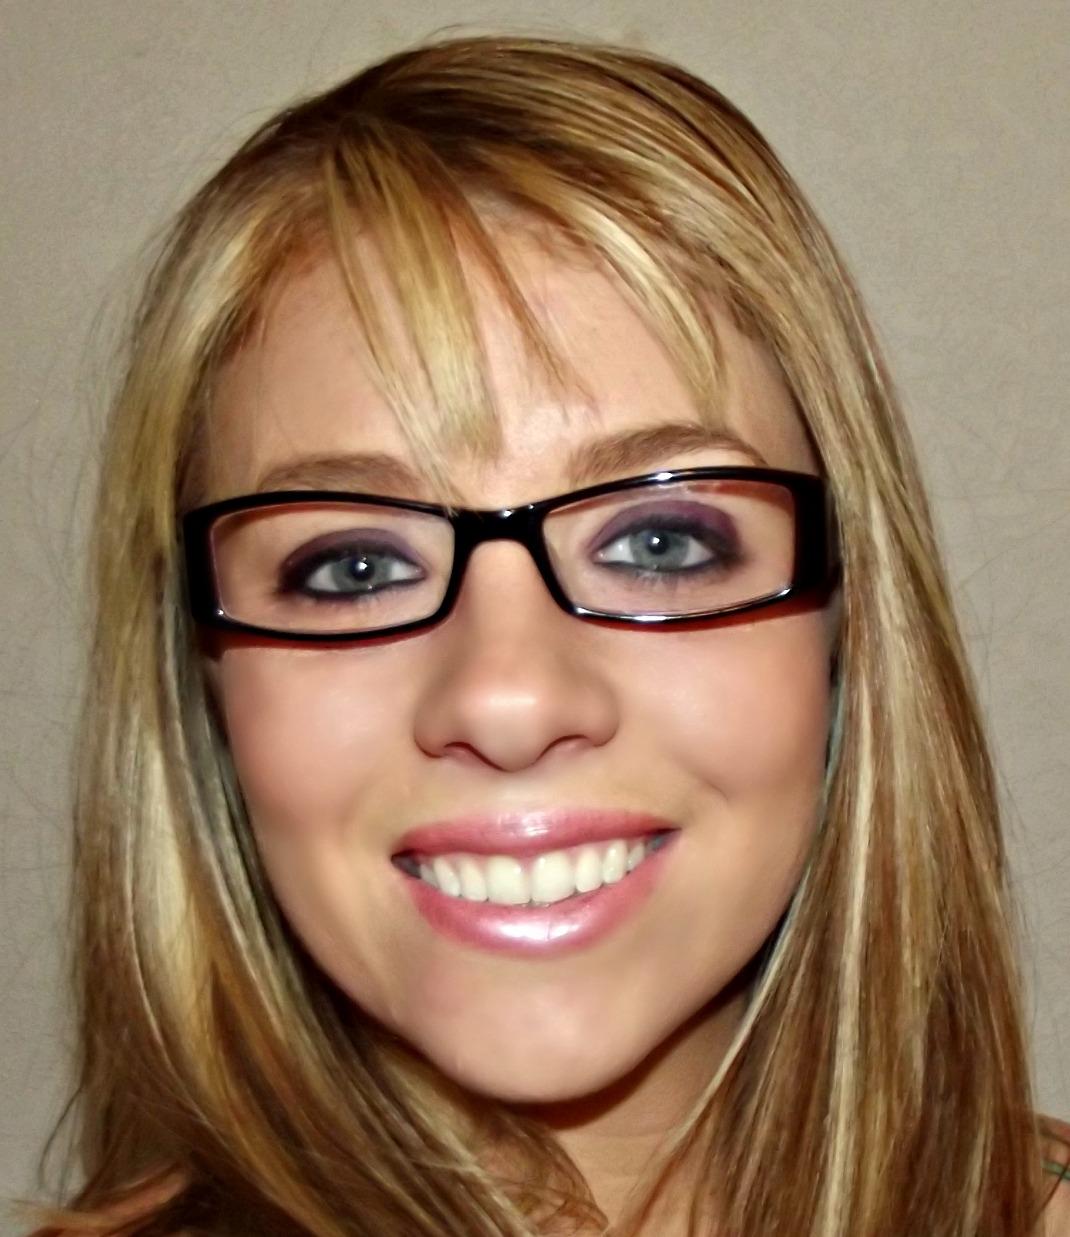 Glasses for applying eye makeup